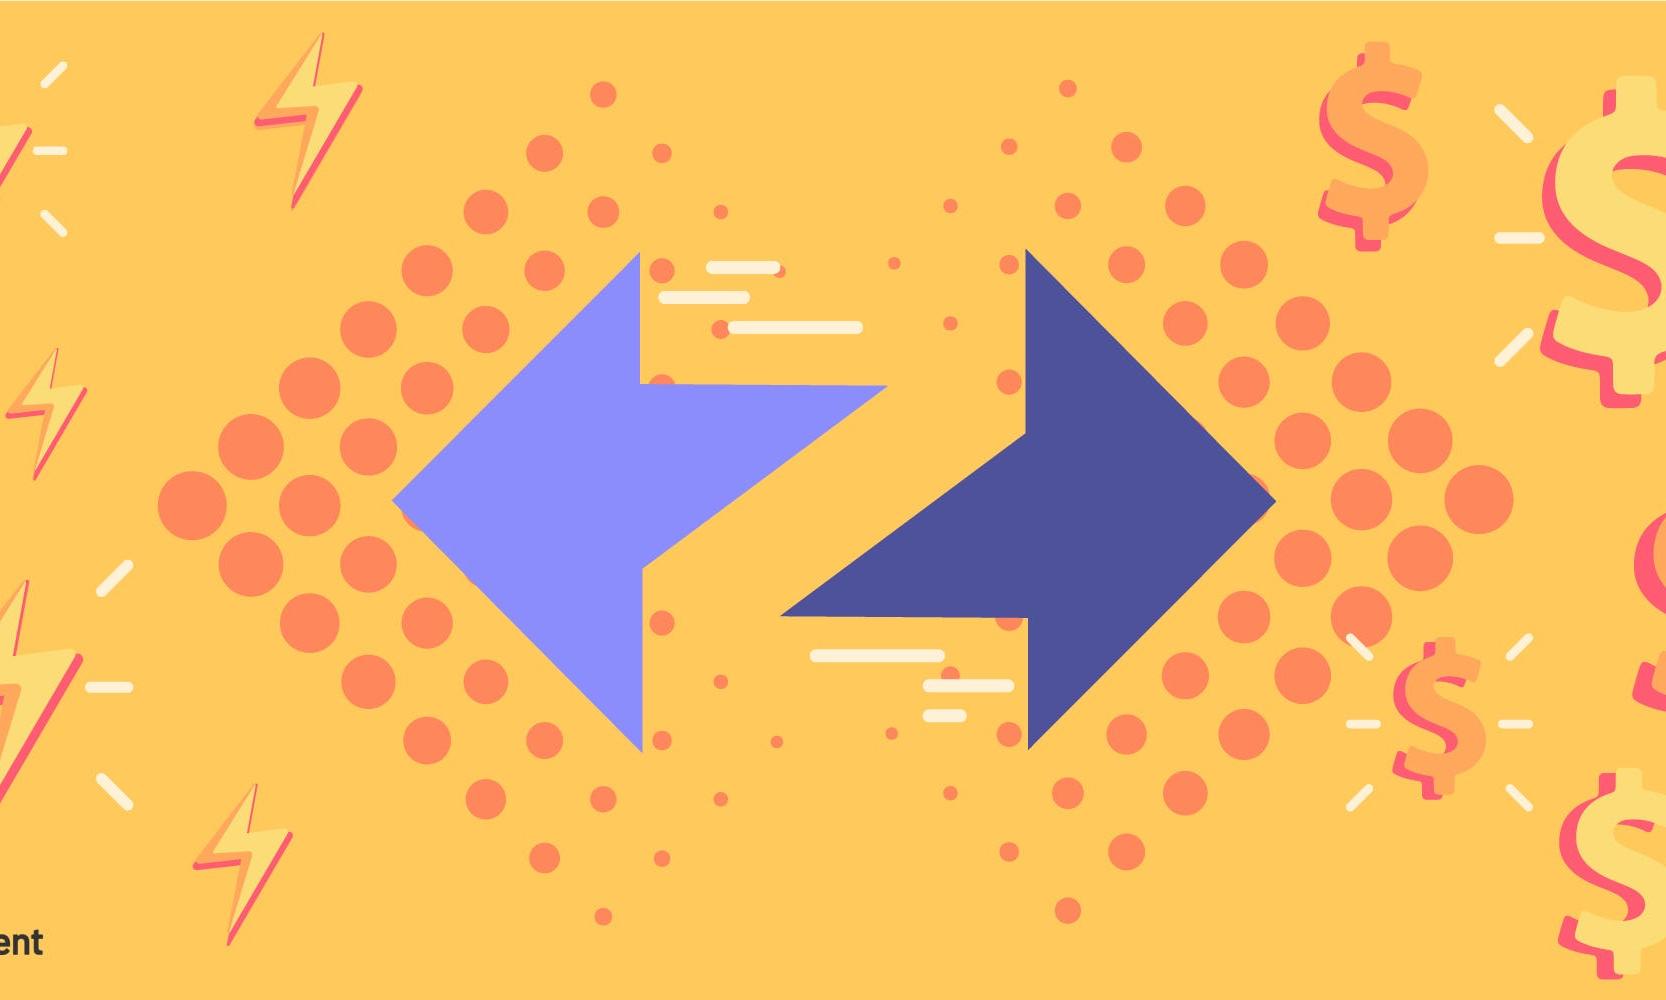 了解Layer 2 解决方案zkSync:有何优势?如何运作?